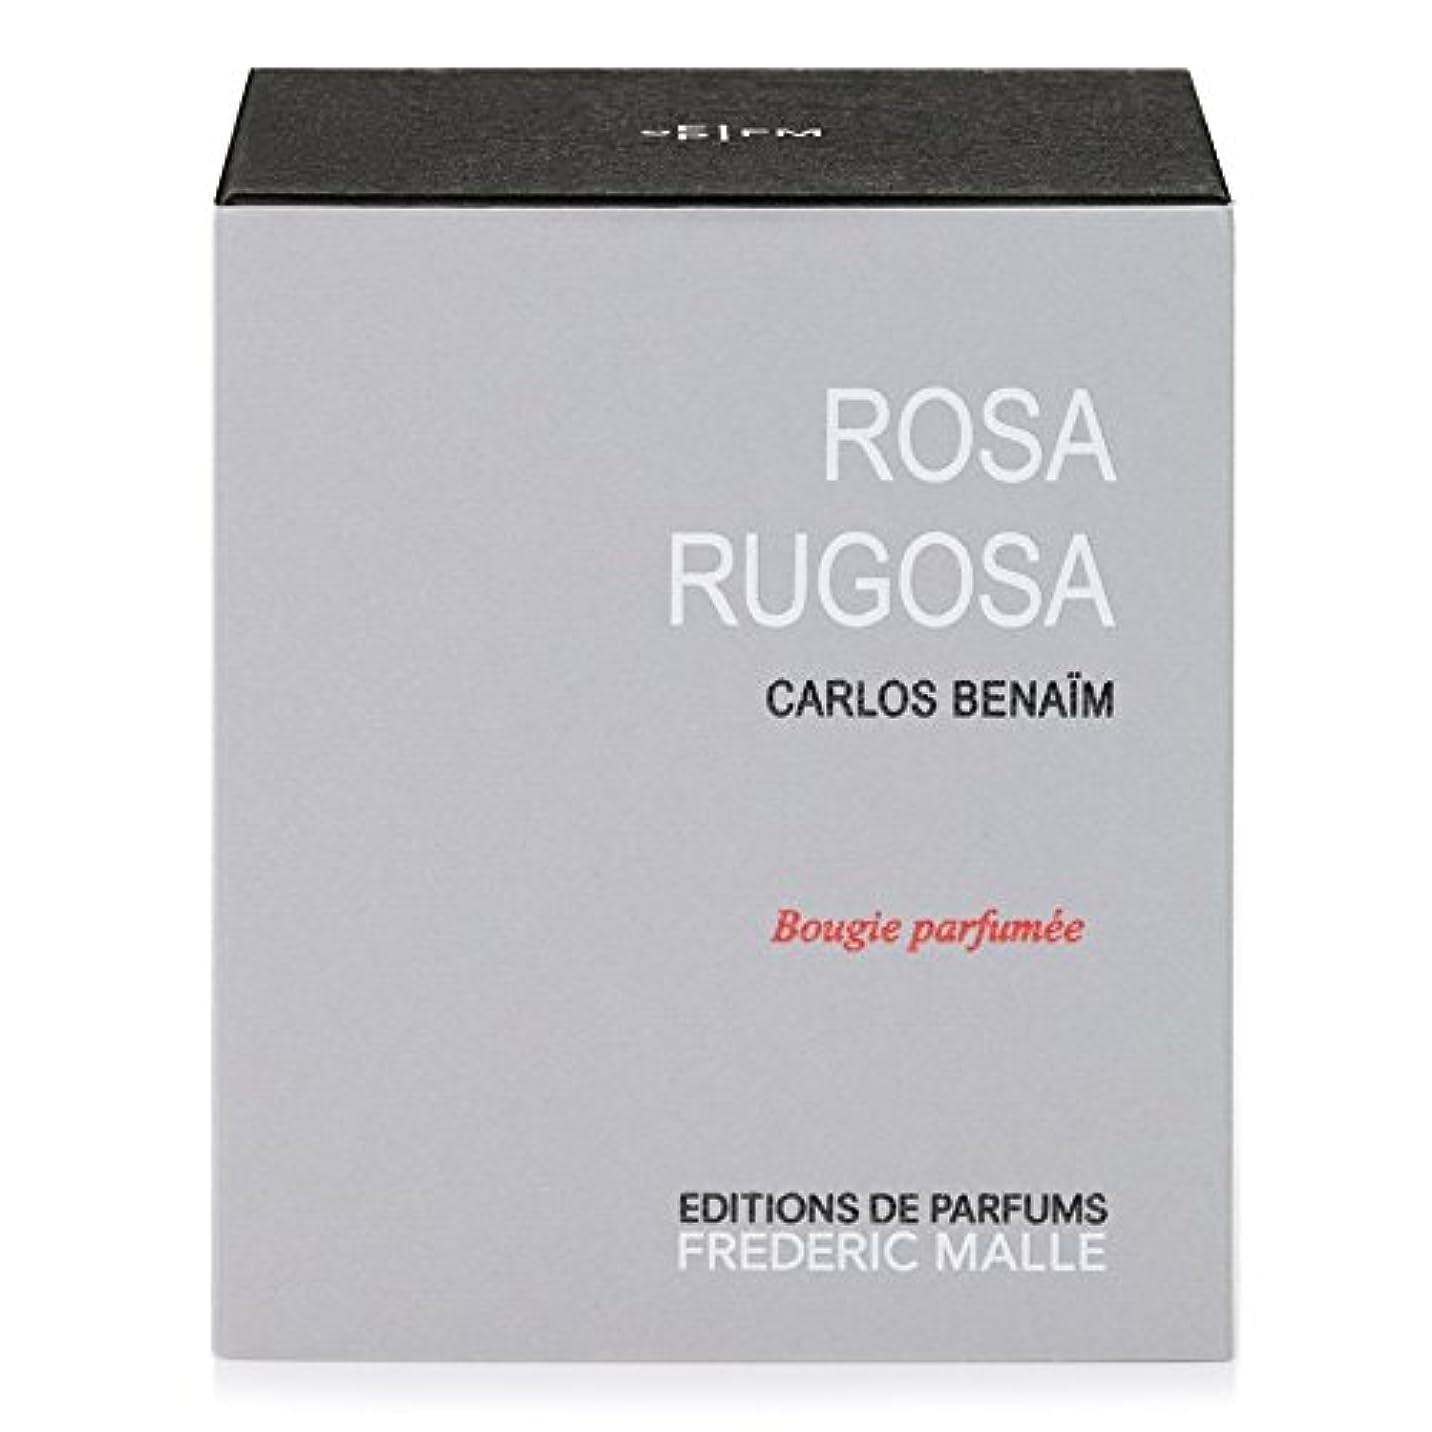 ヒューマニスティック追放するホールドオールFrederic Malle Rosa Rugosa Scented Candle (Pack of 4) - フレデリック?マルハマナスの香りのキャンドル x4 [並行輸入品]